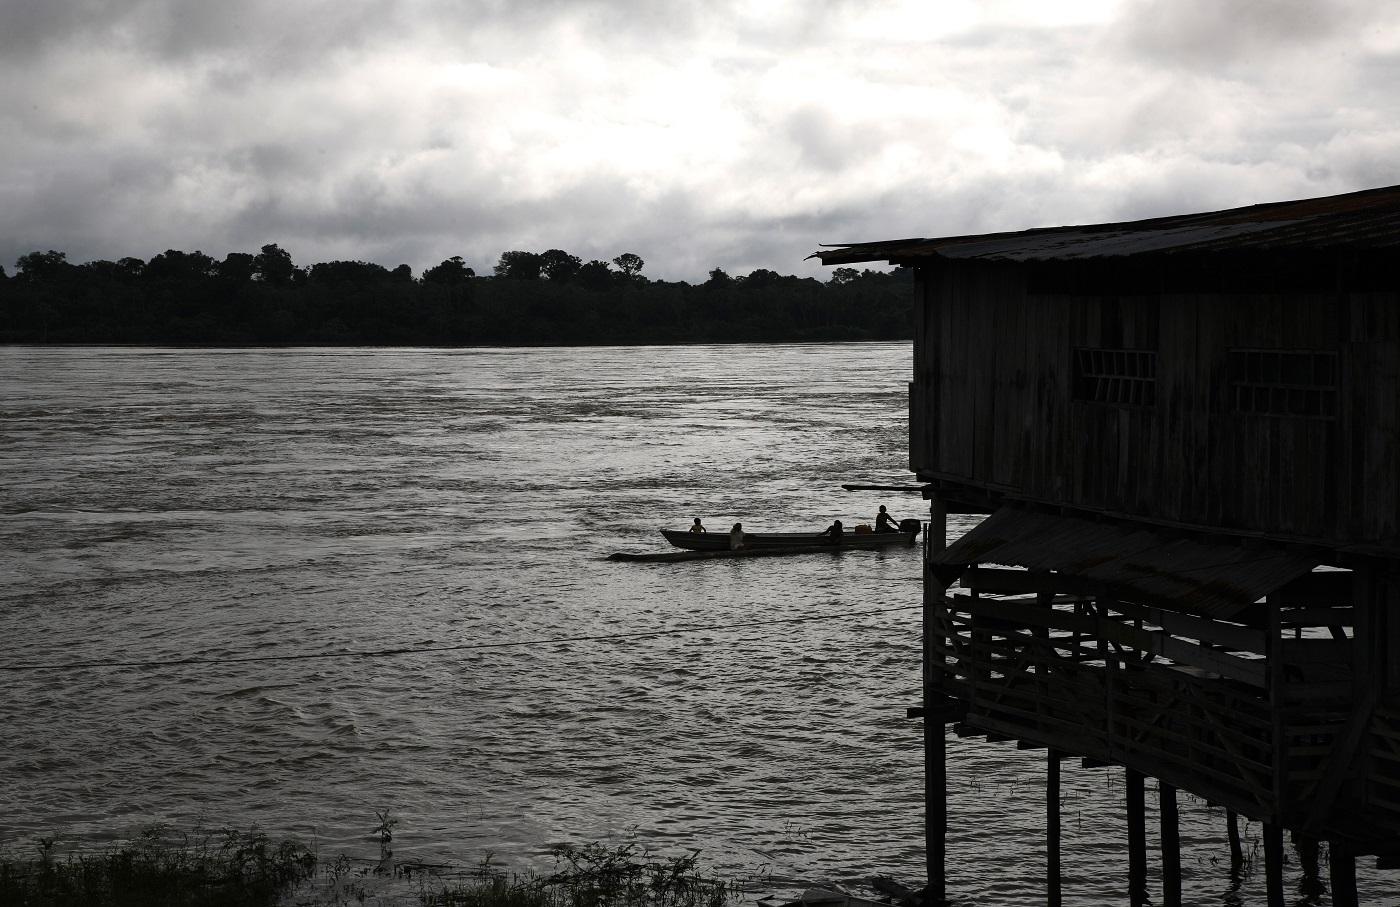 El mercurio contamina silenciosamente al río Caquetá